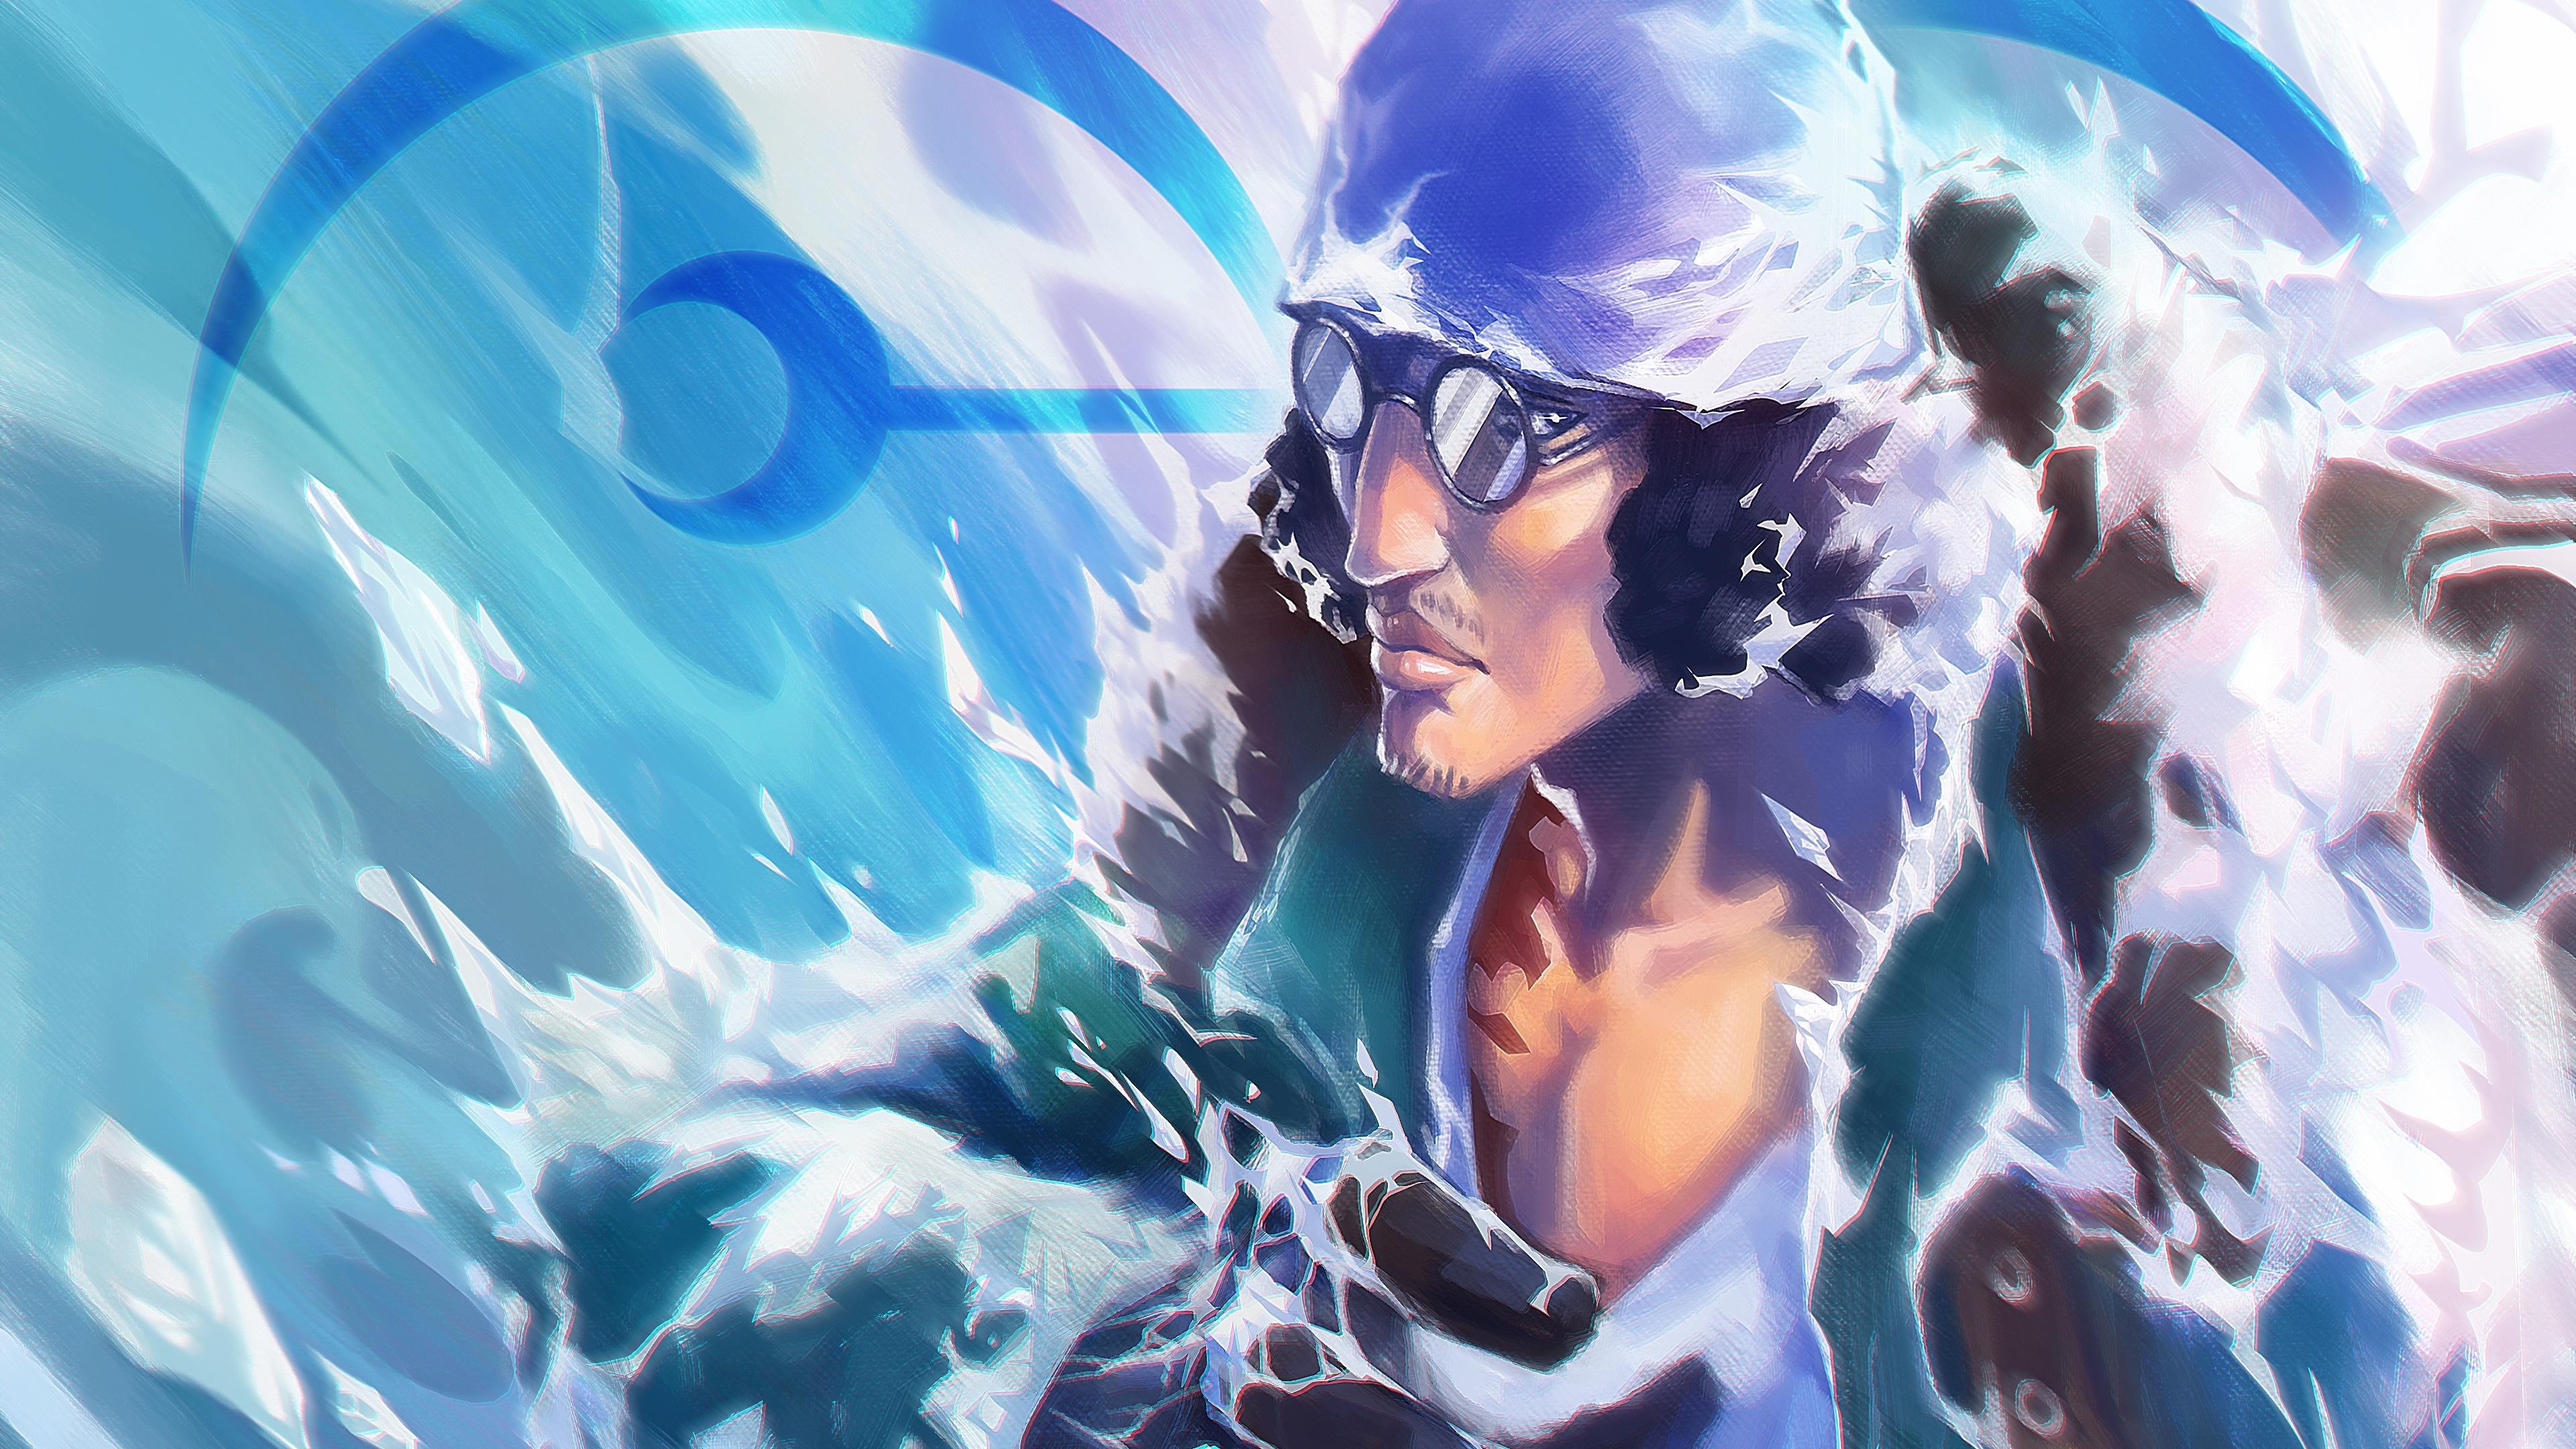 2048x1152 Kuzan One Piece Anime 4k 2048x1152 Resolution HD ...